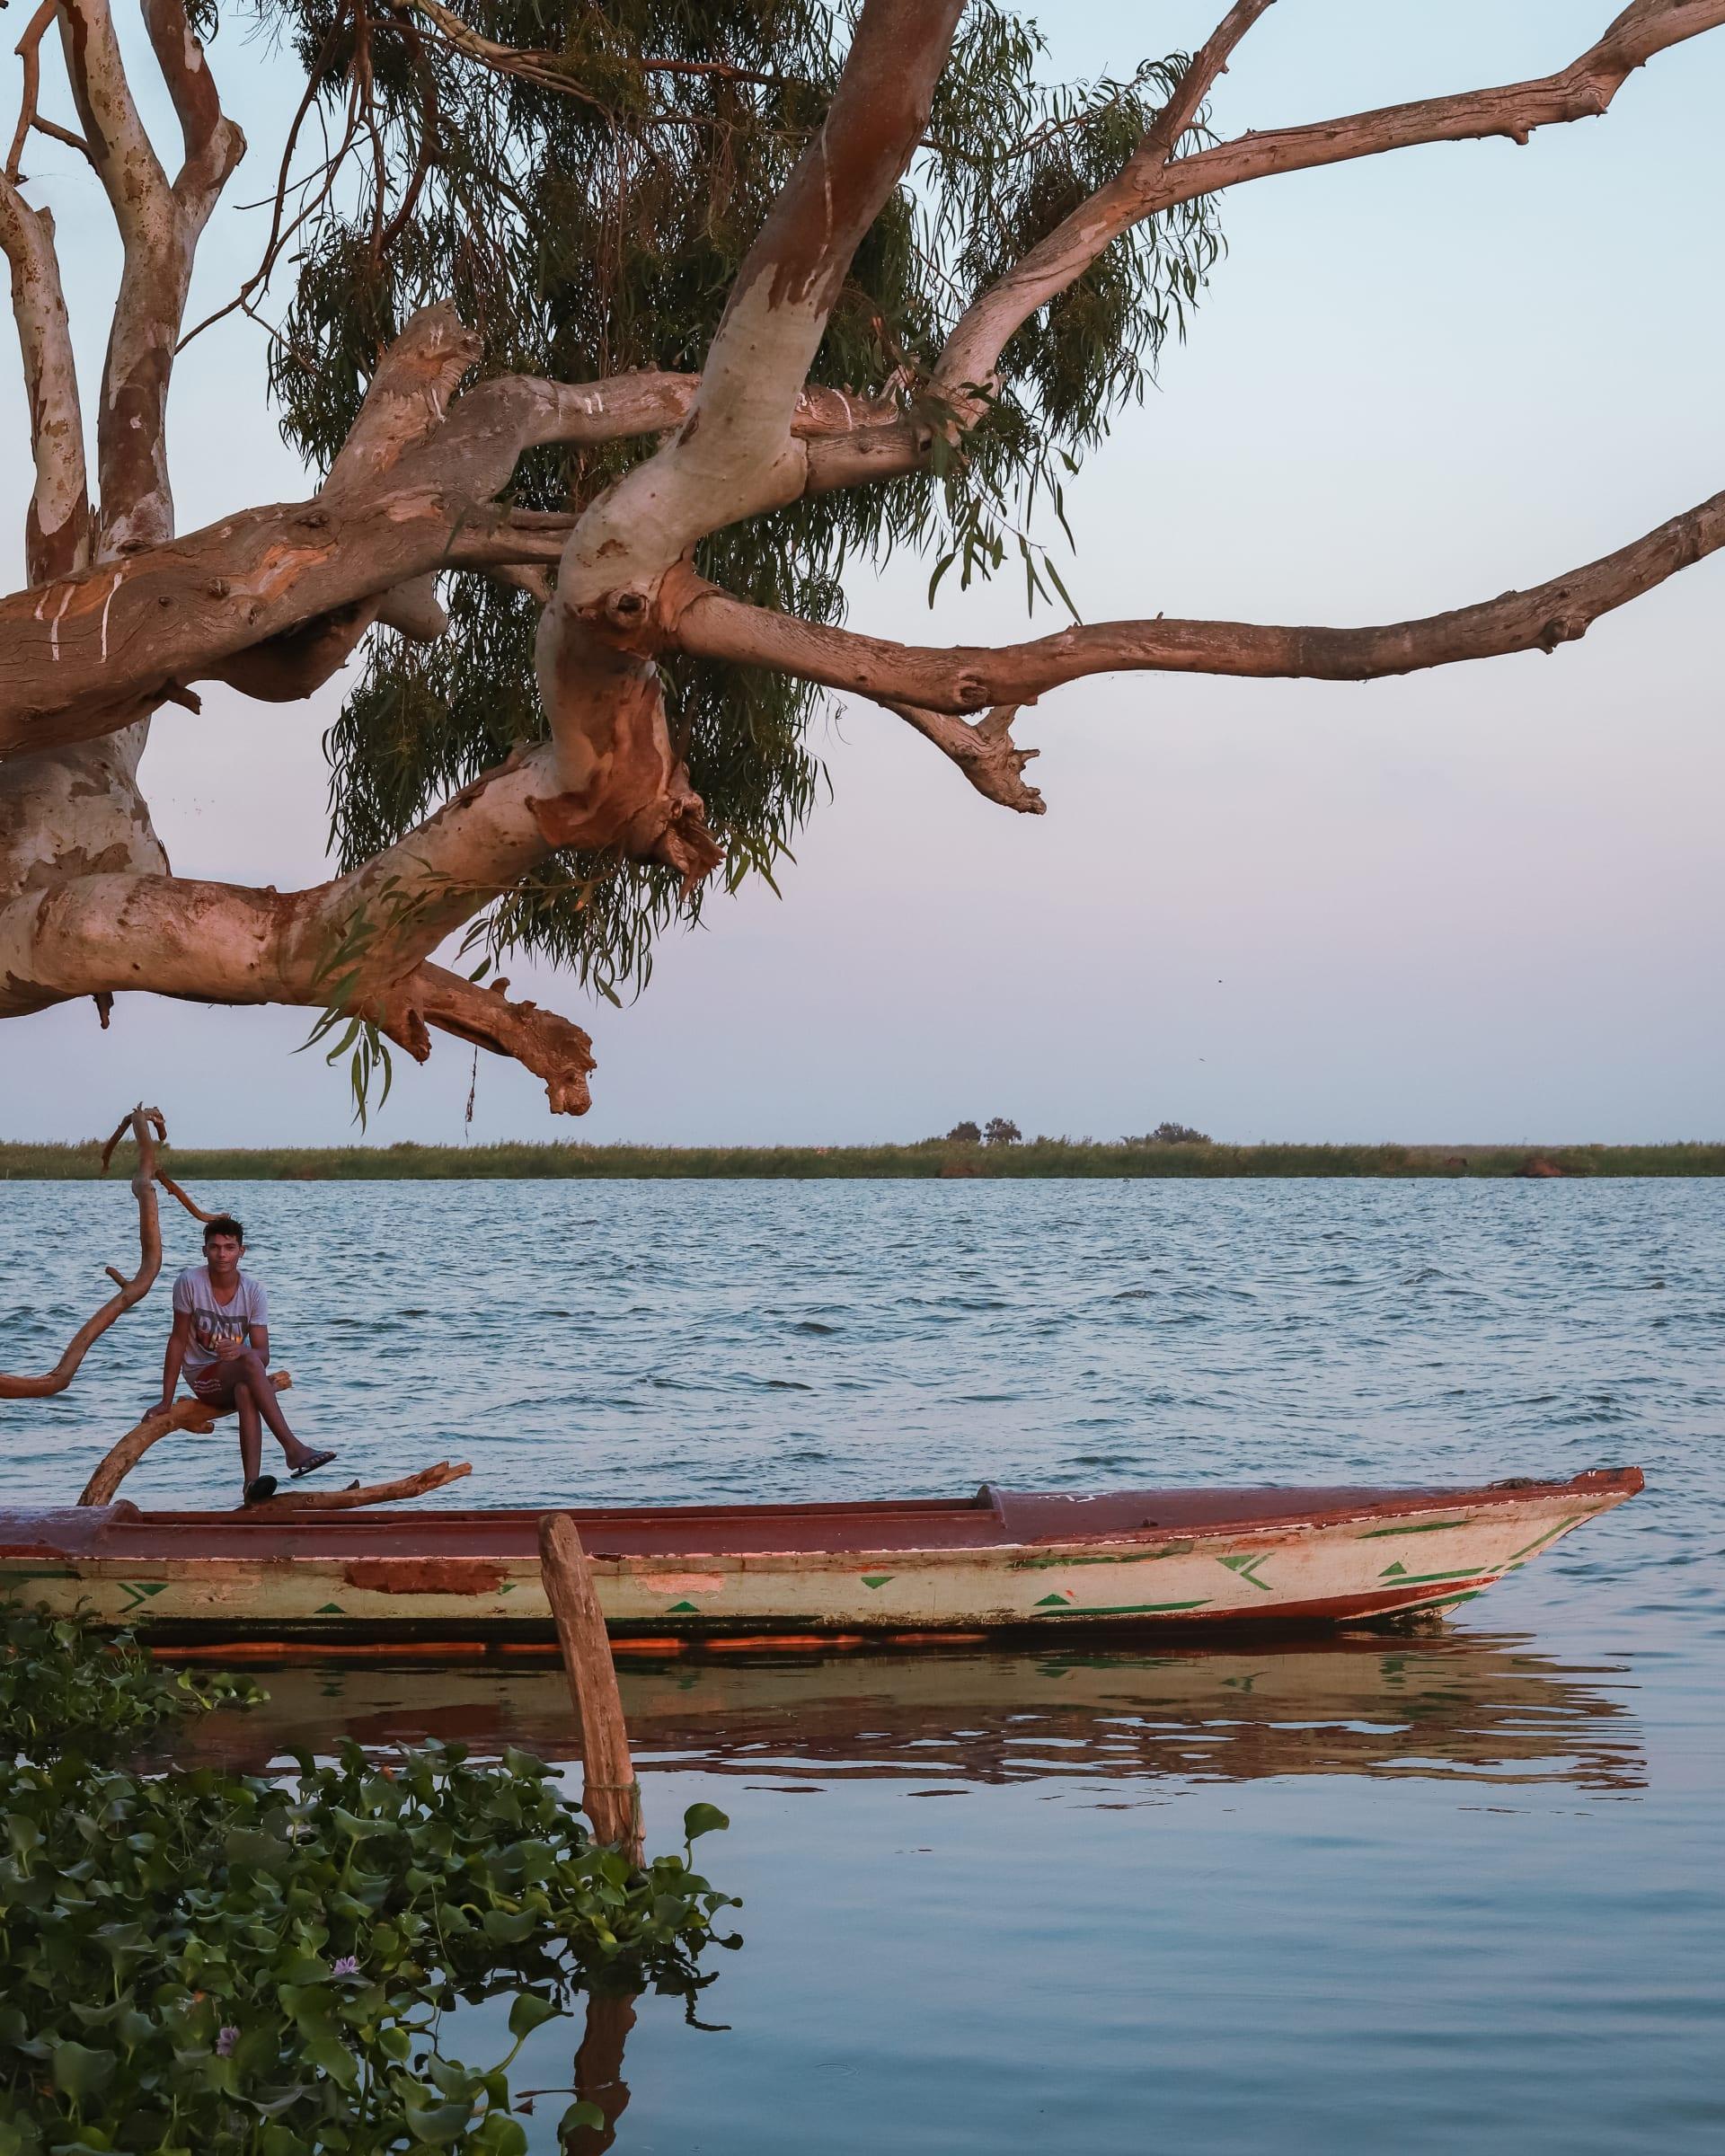 """منزل مهجور يتوسط بحيرة البرلس في """"الشخلوبة"""" بمصر.. ما حكايته؟"""